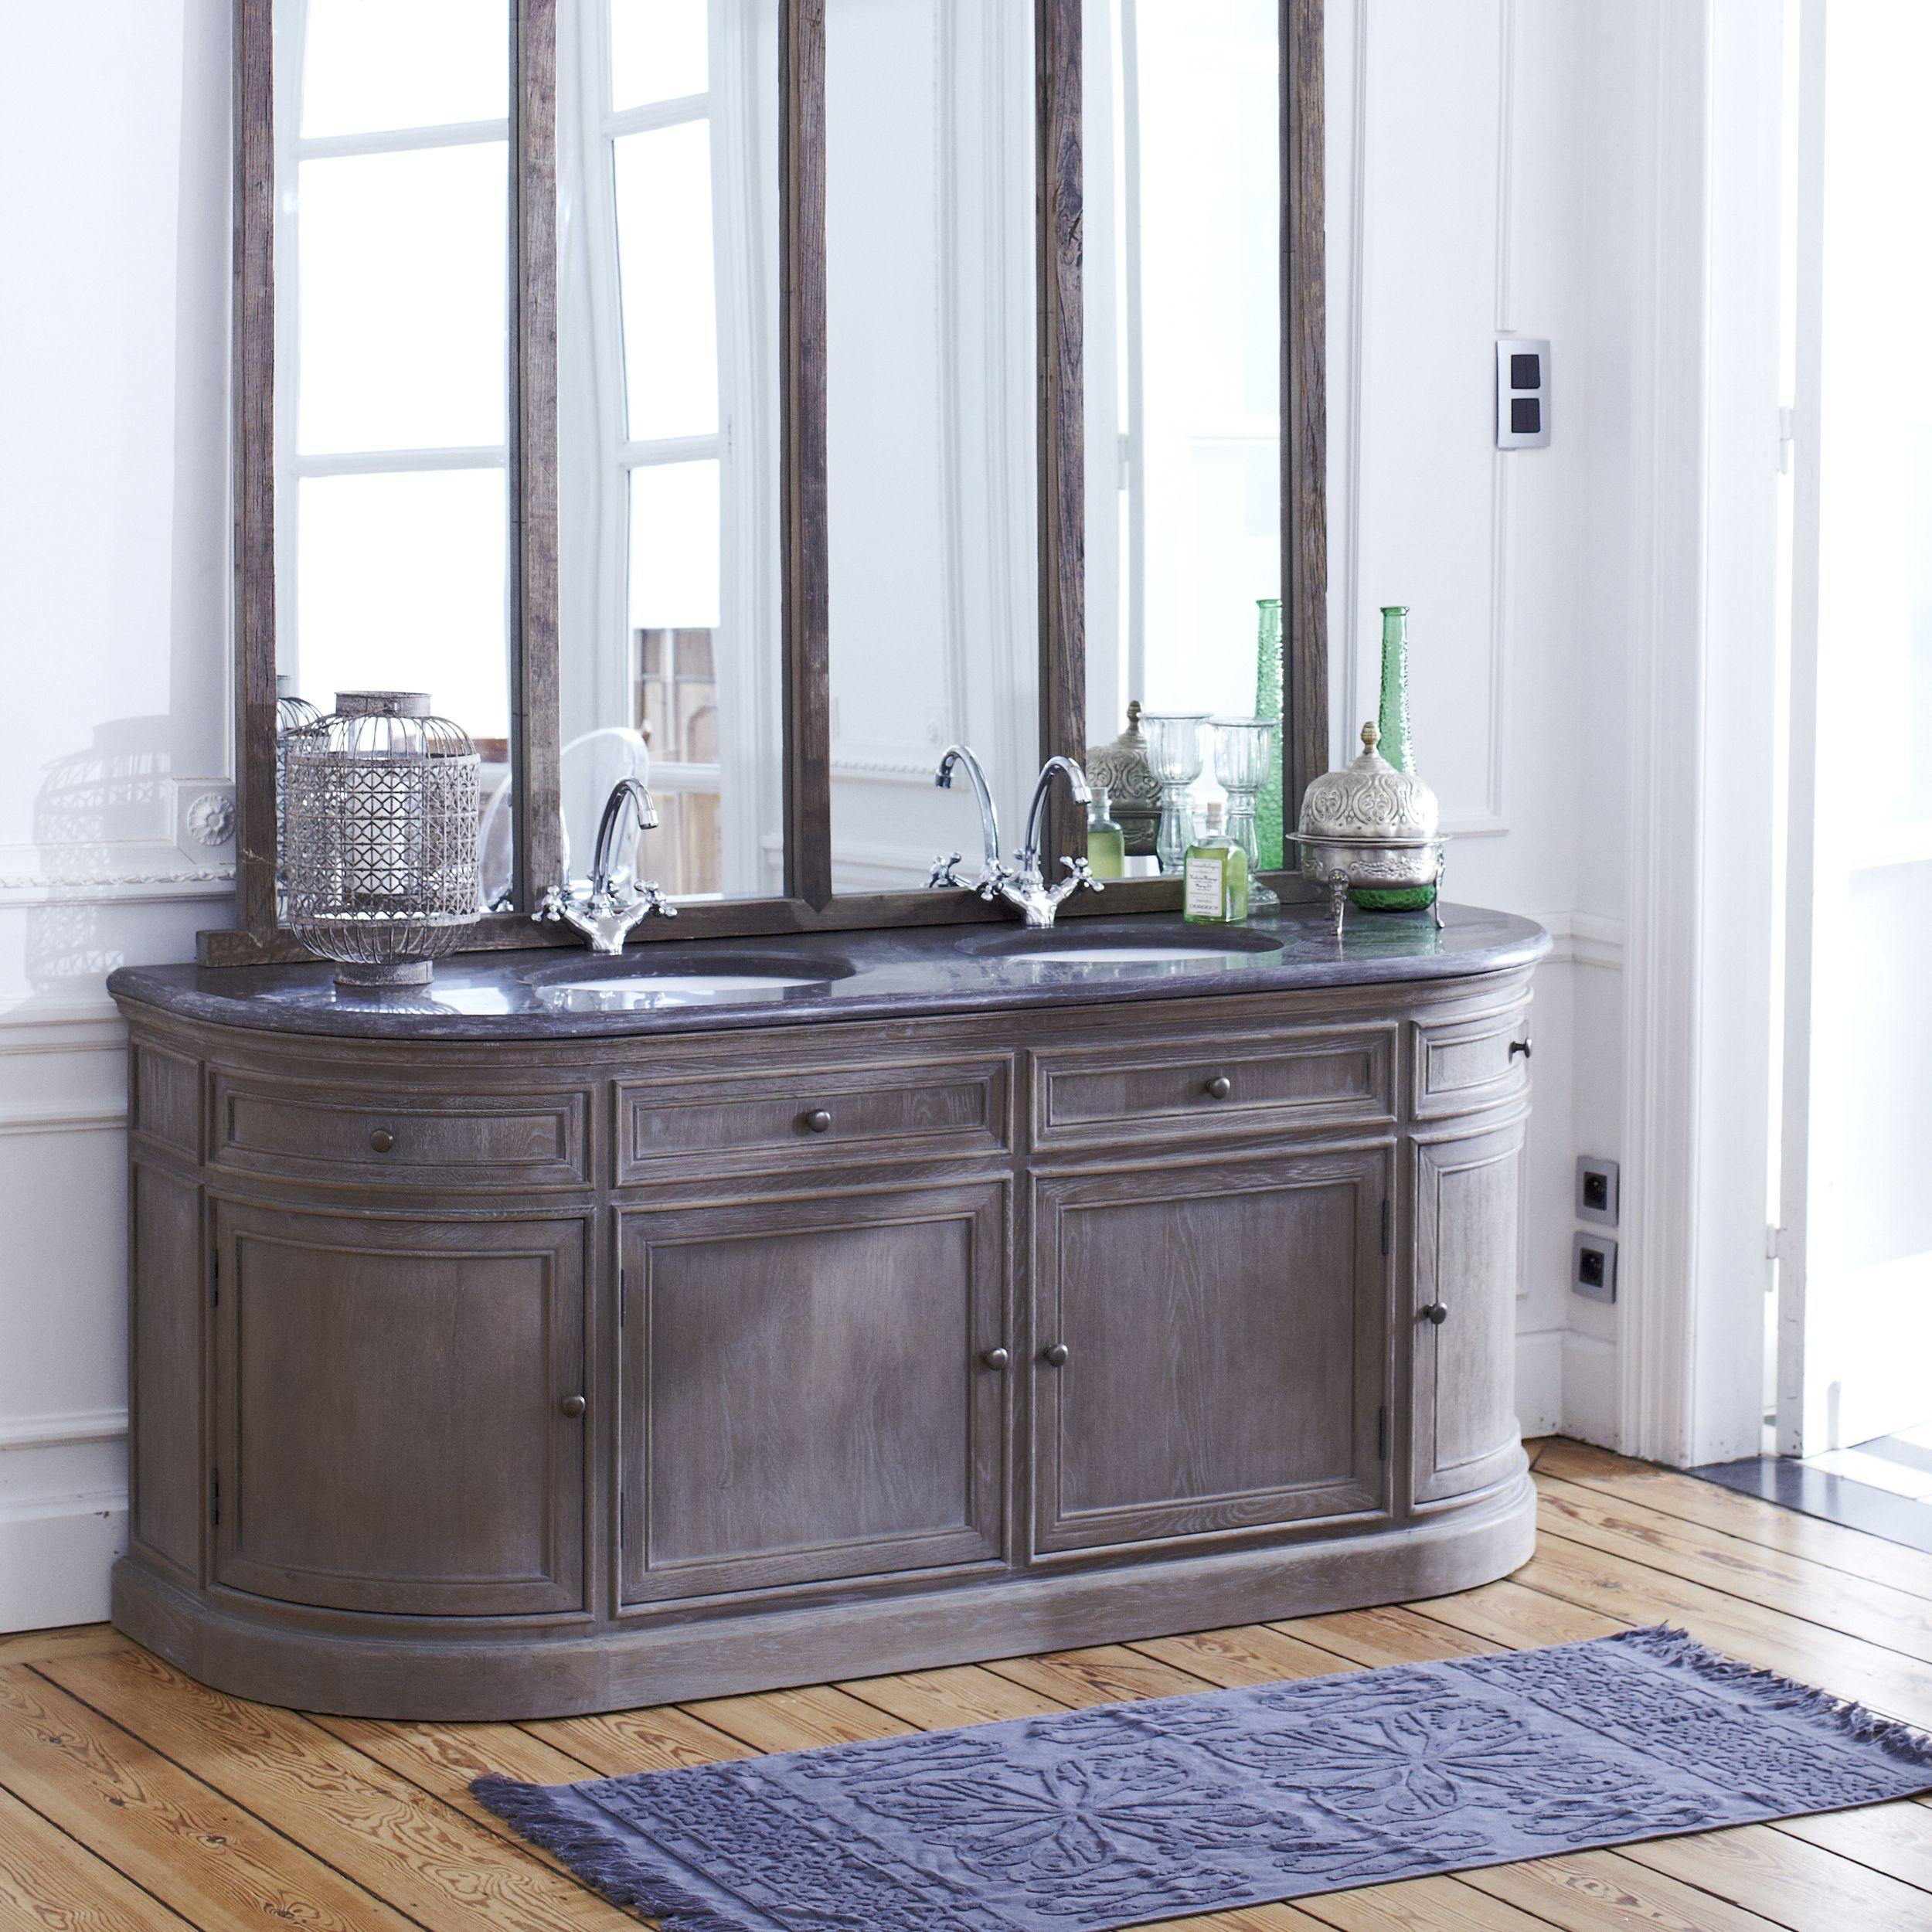 Elegance Et Raffinement Avec Le Meuble De Salle De Bain En Chene Louise Tikamoon Tikamoon Vanity Units Bathroom Units